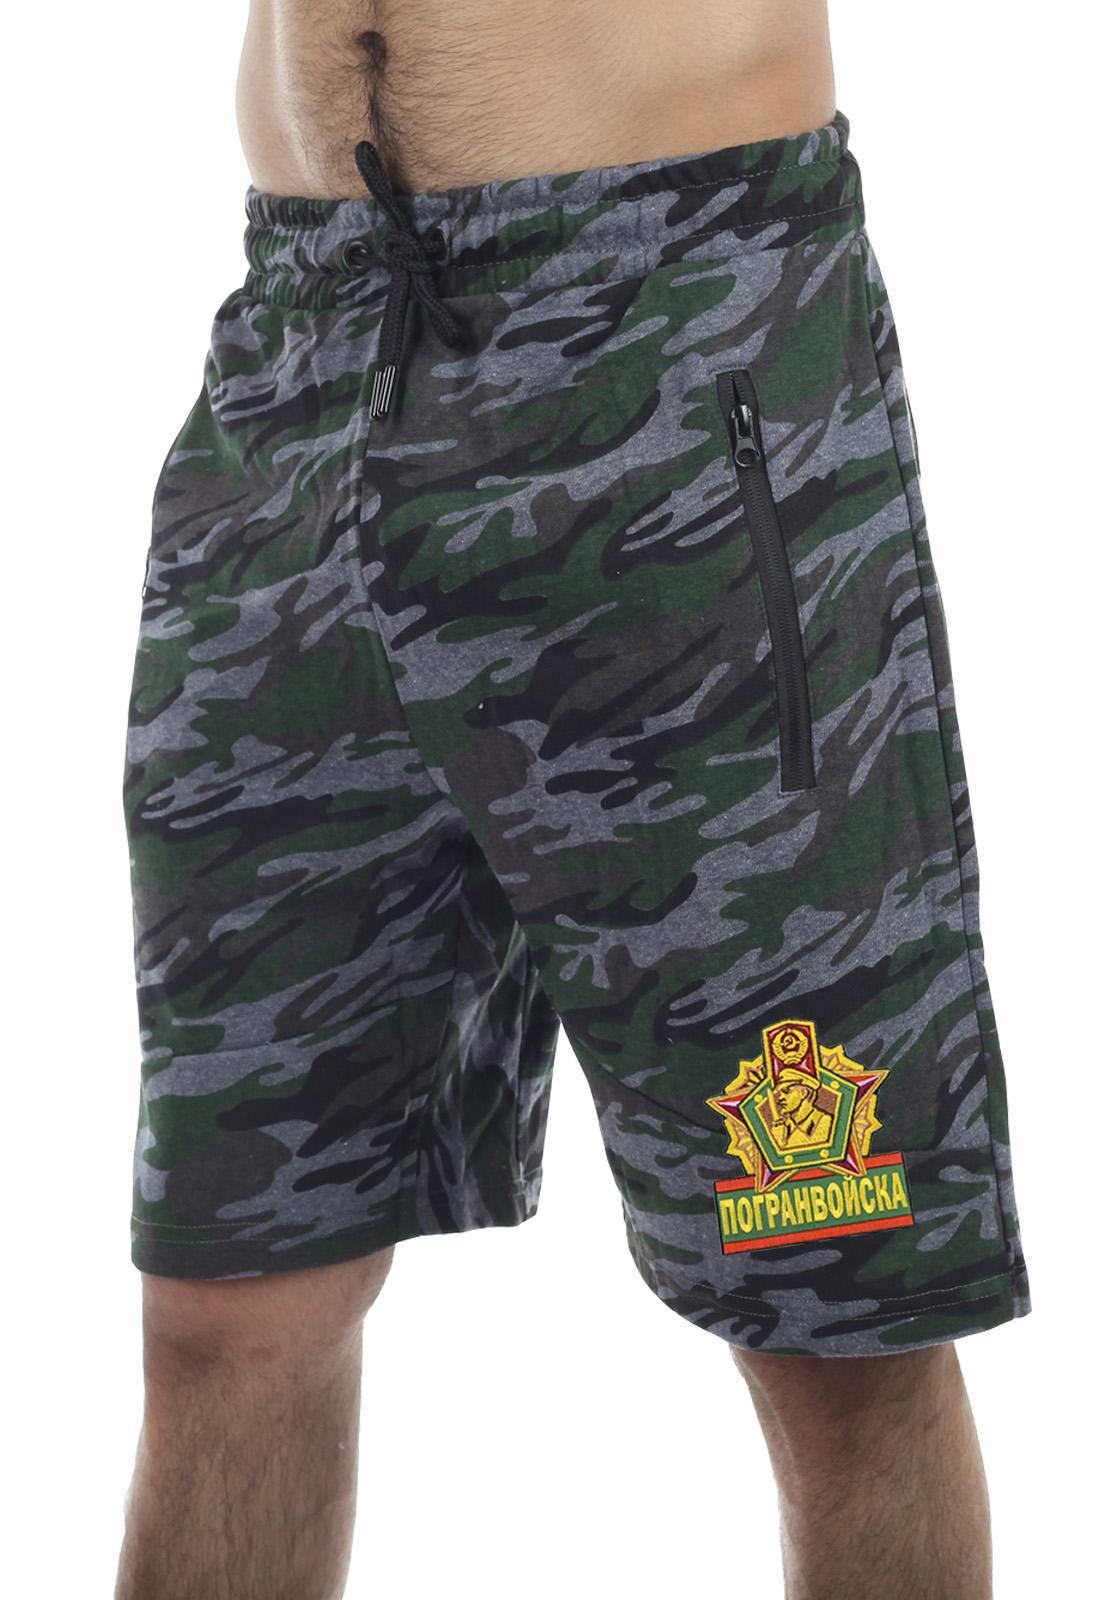 Купить камуфляжные серо-зеленые шорты с нашивкой Погранвойска в подарок мужчине